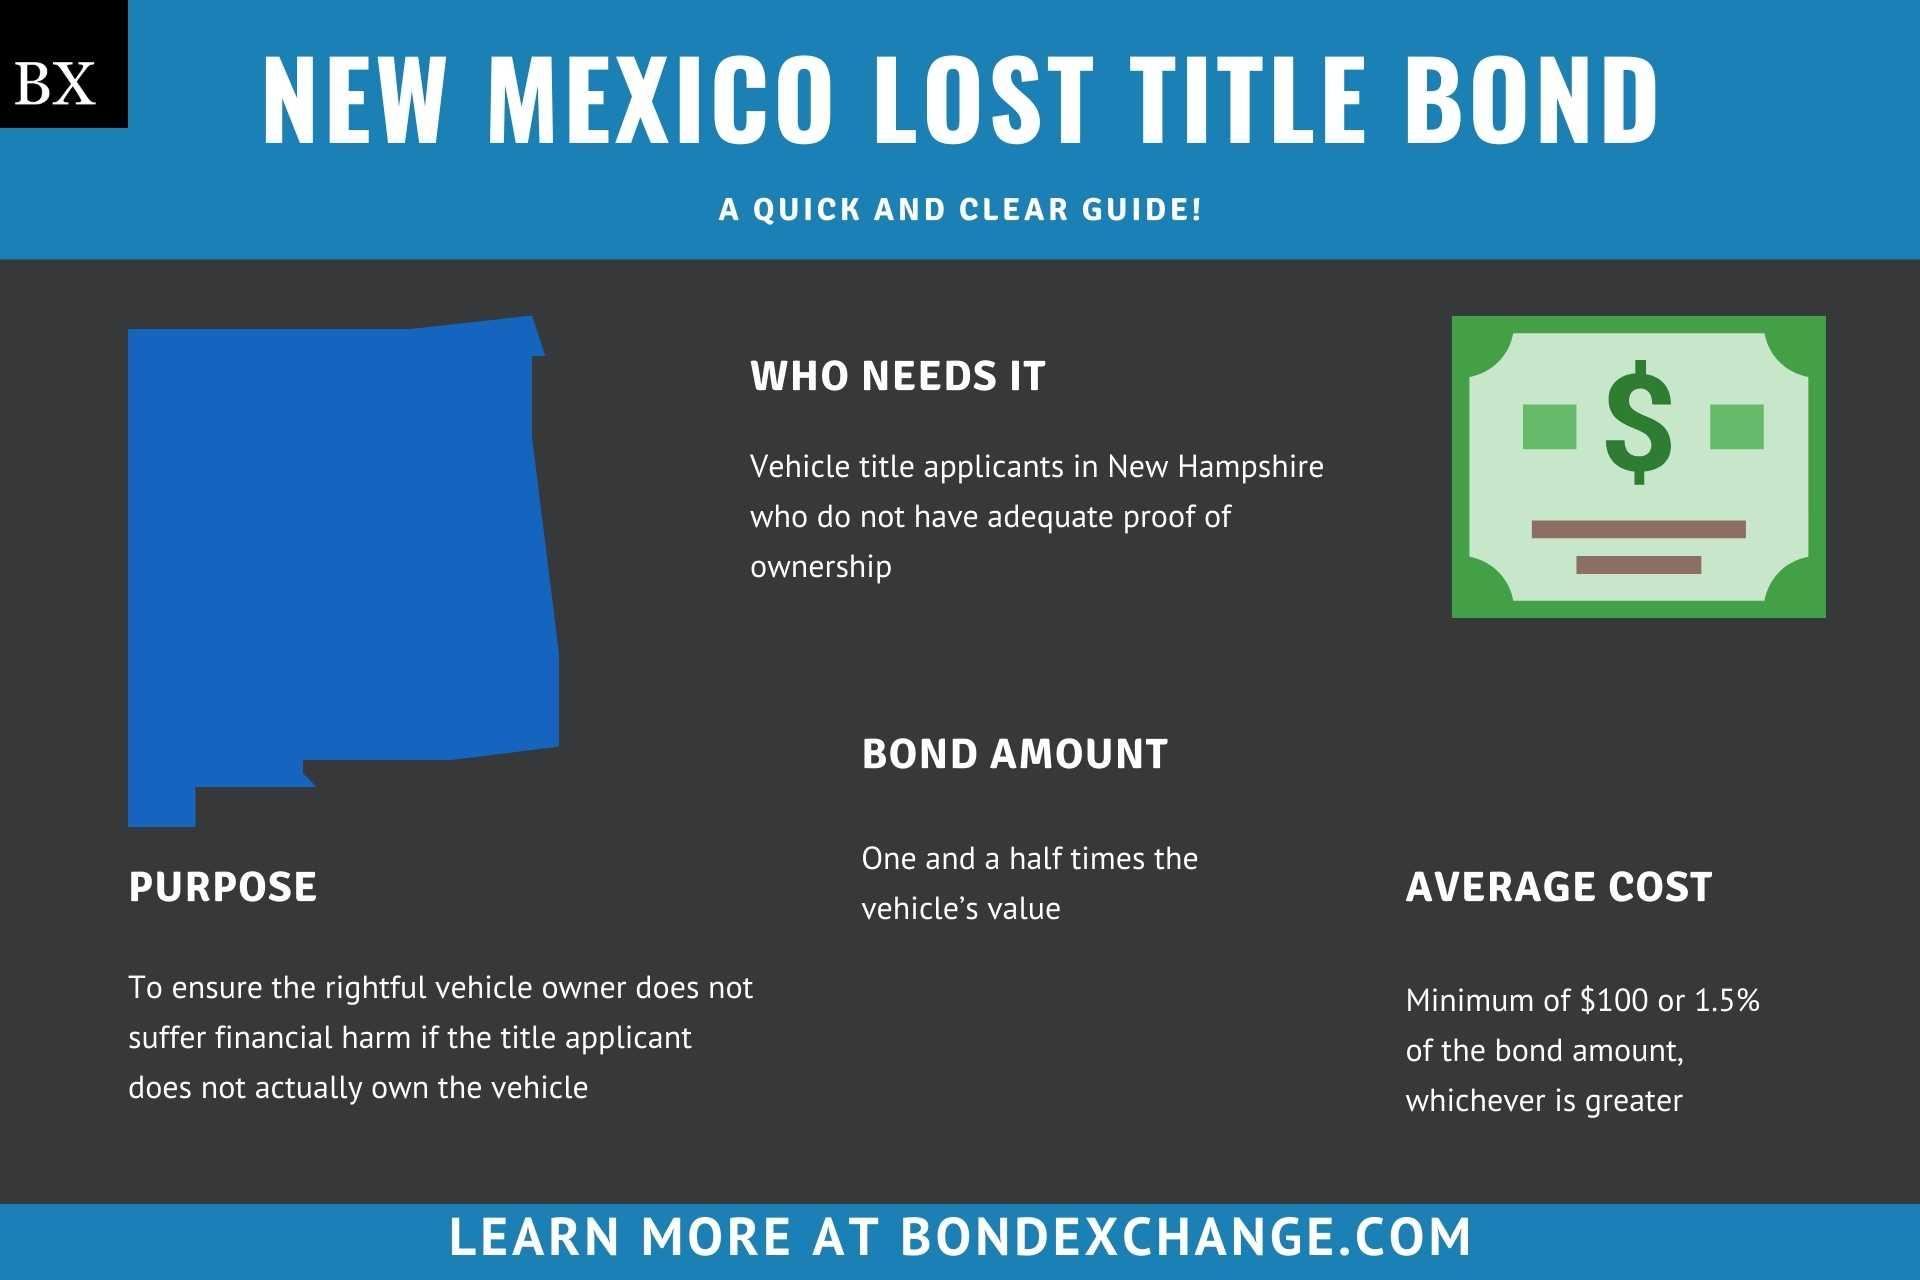 New Mexico Lost Title Bond